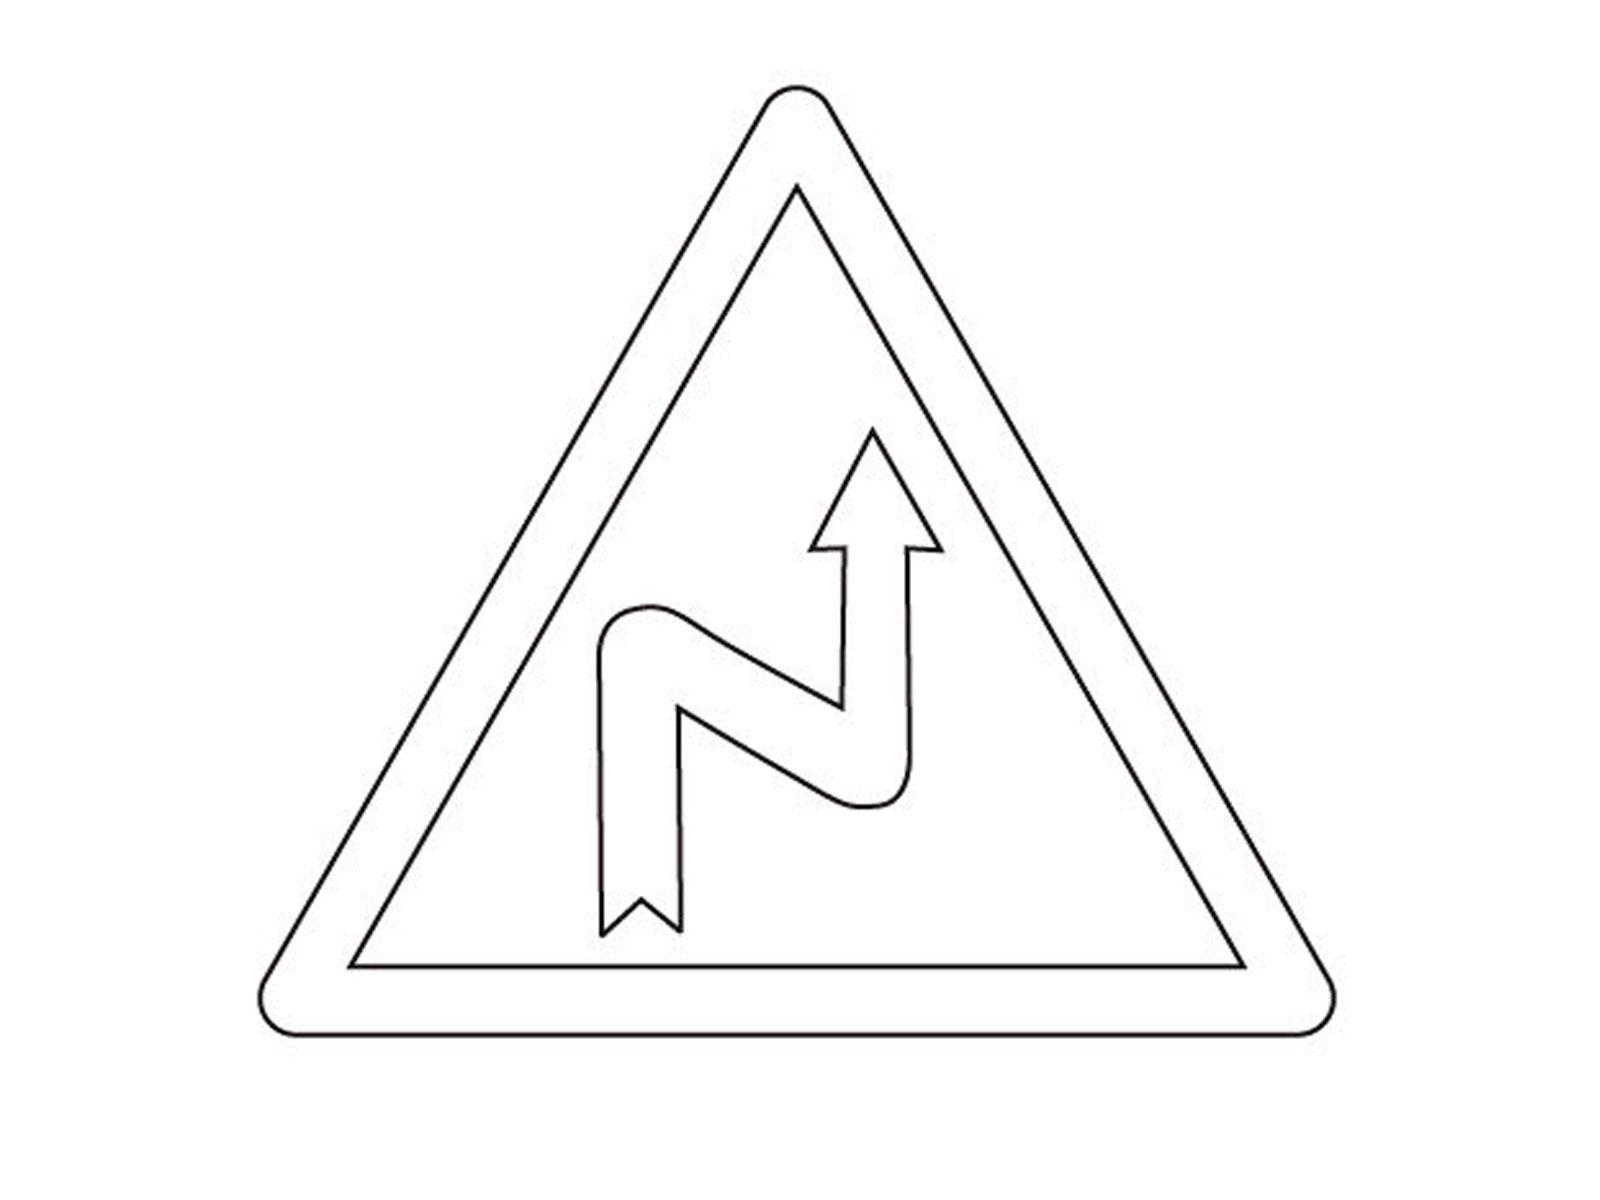 Правила дорожного движения в картинках и знаками